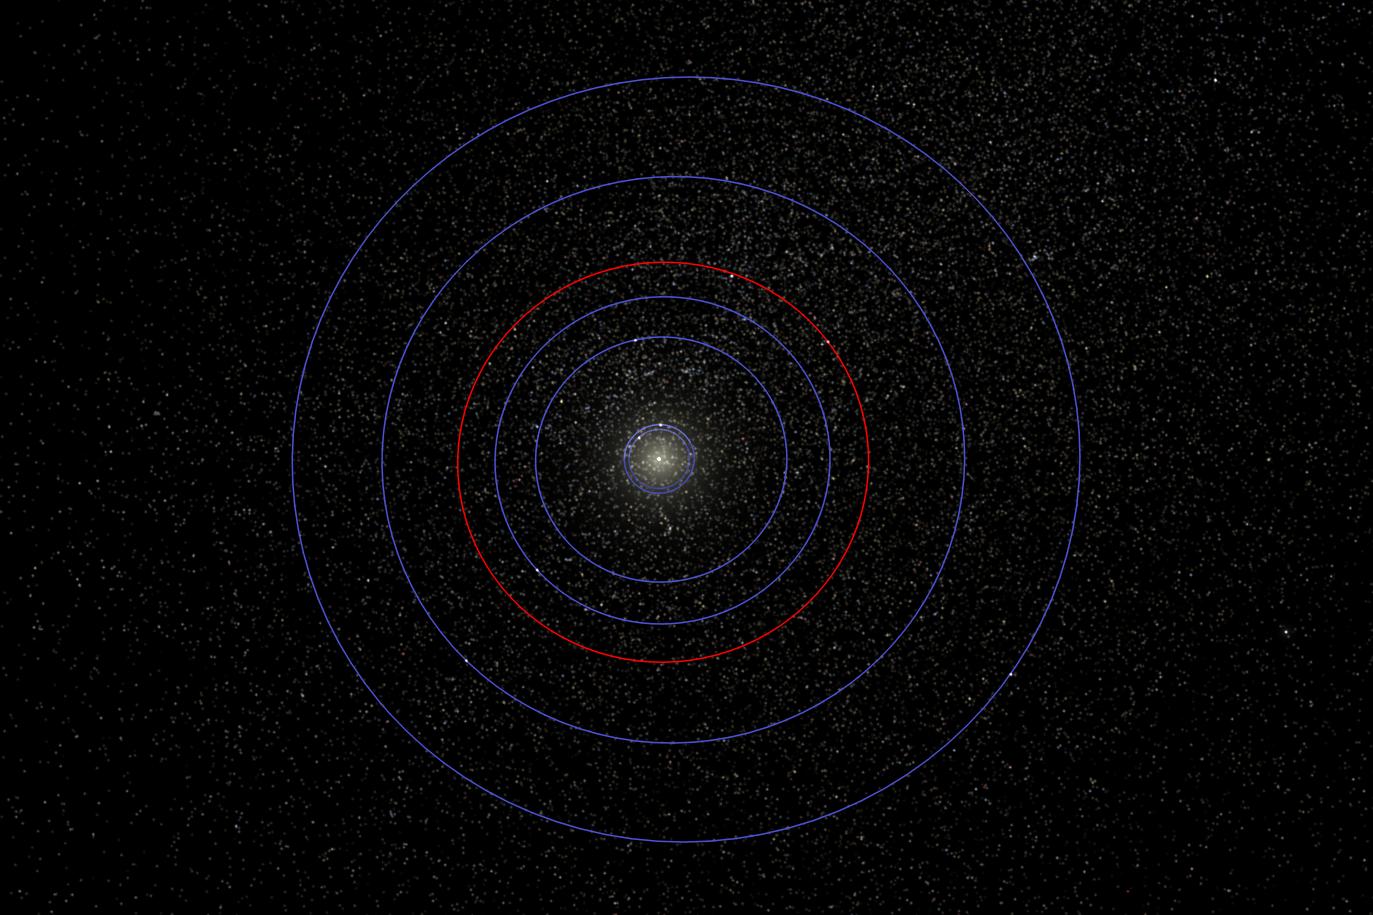 kepler belt planets - photo #44